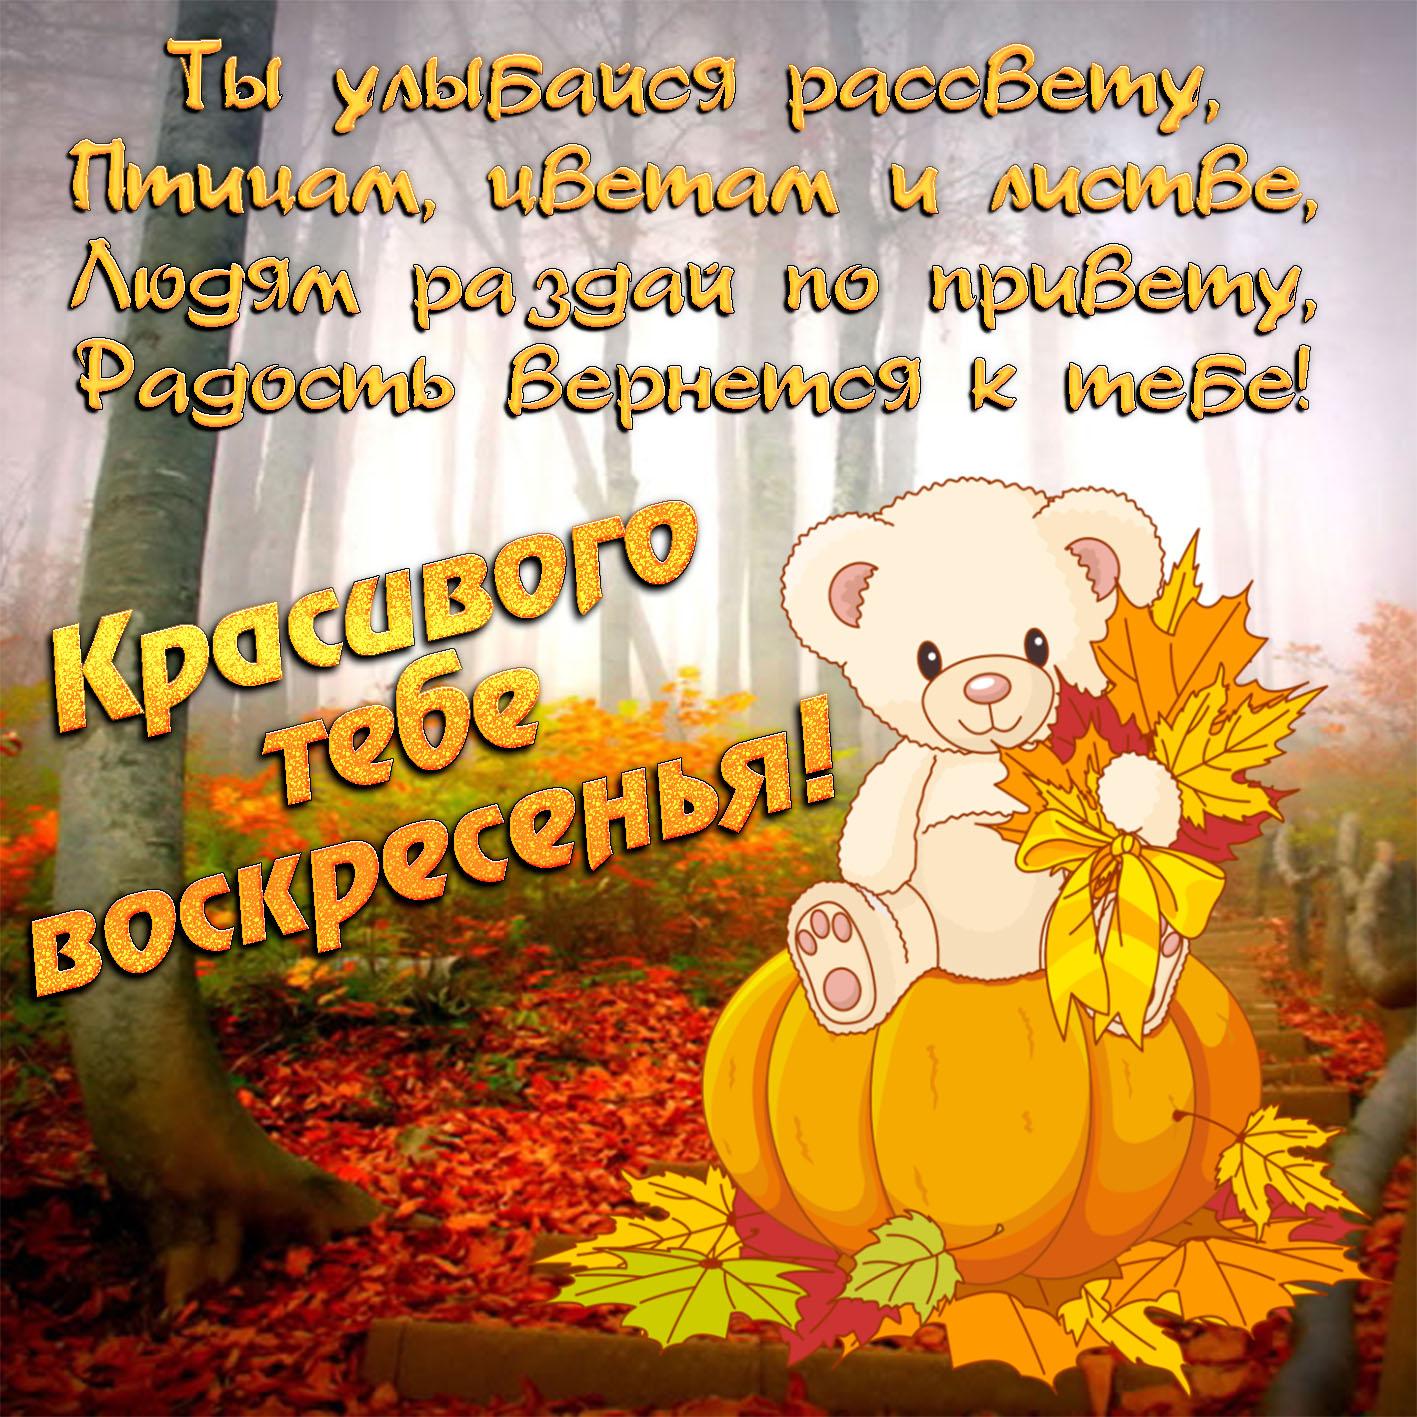 Поздравления в стихах с днем рождения гимназии в стихах чебурашек